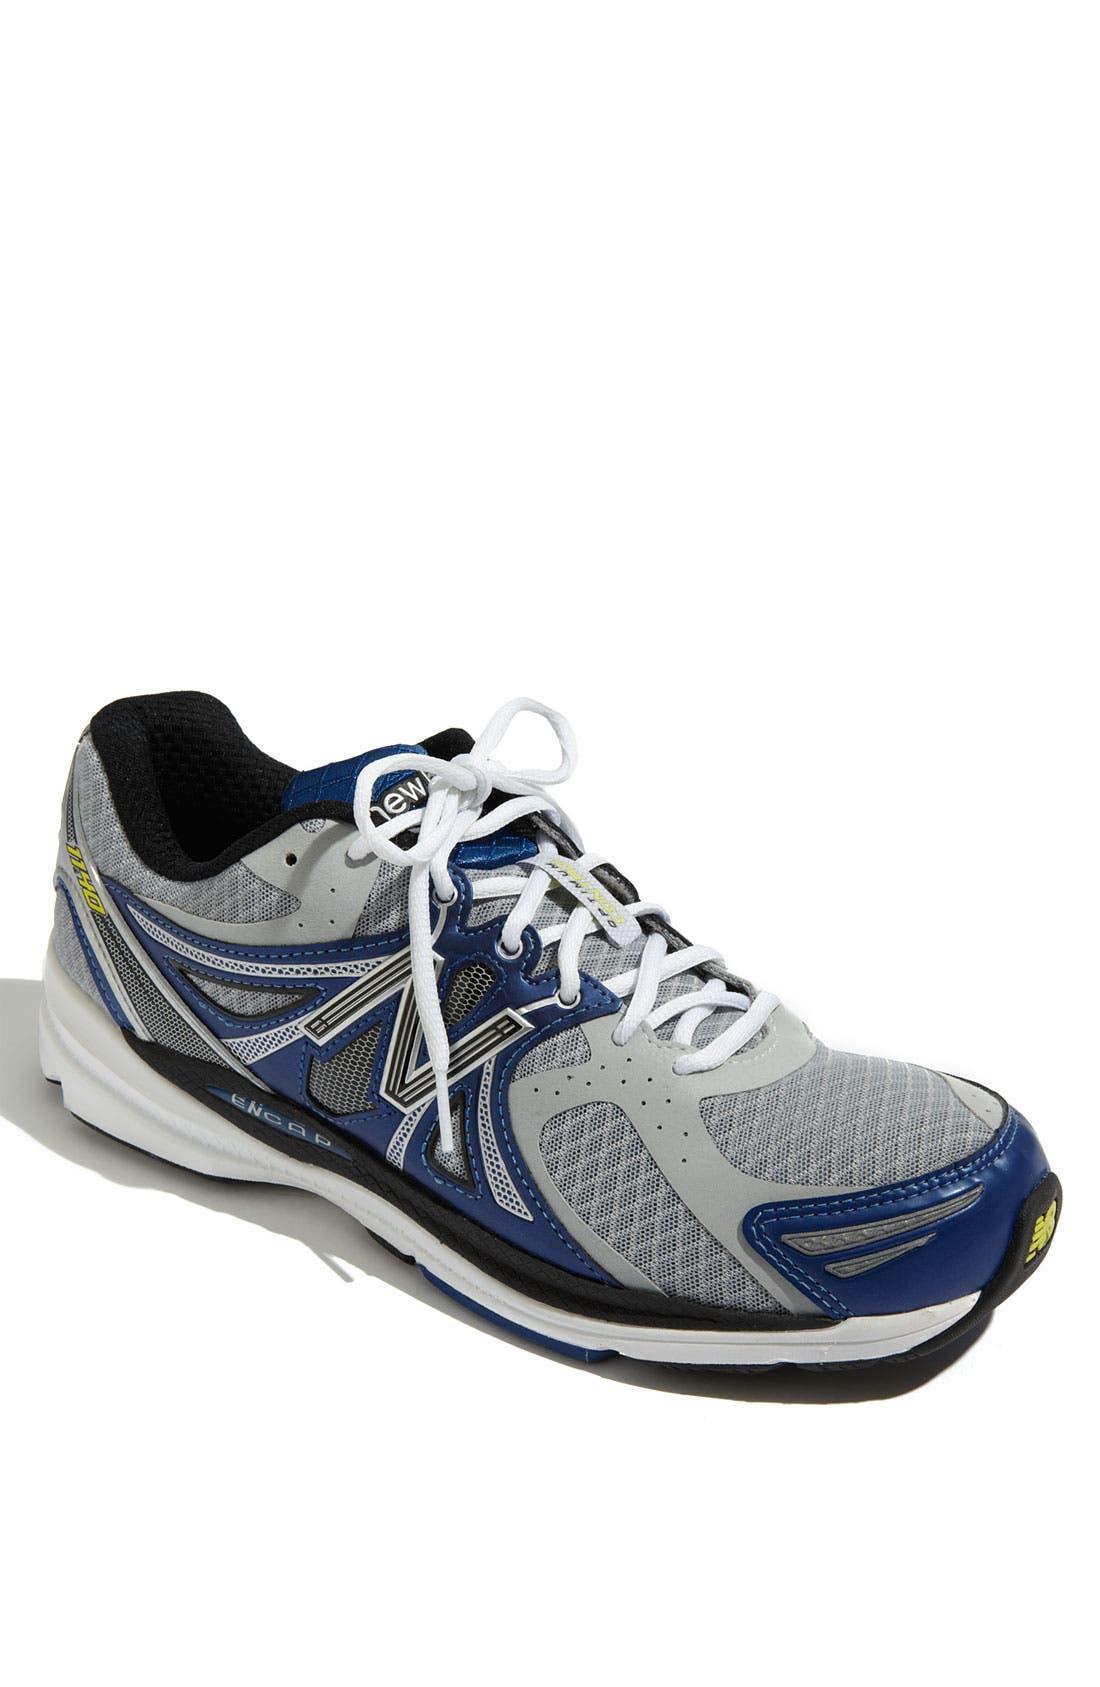 Main Image - New Balance '1140' Running Shoe (Men)